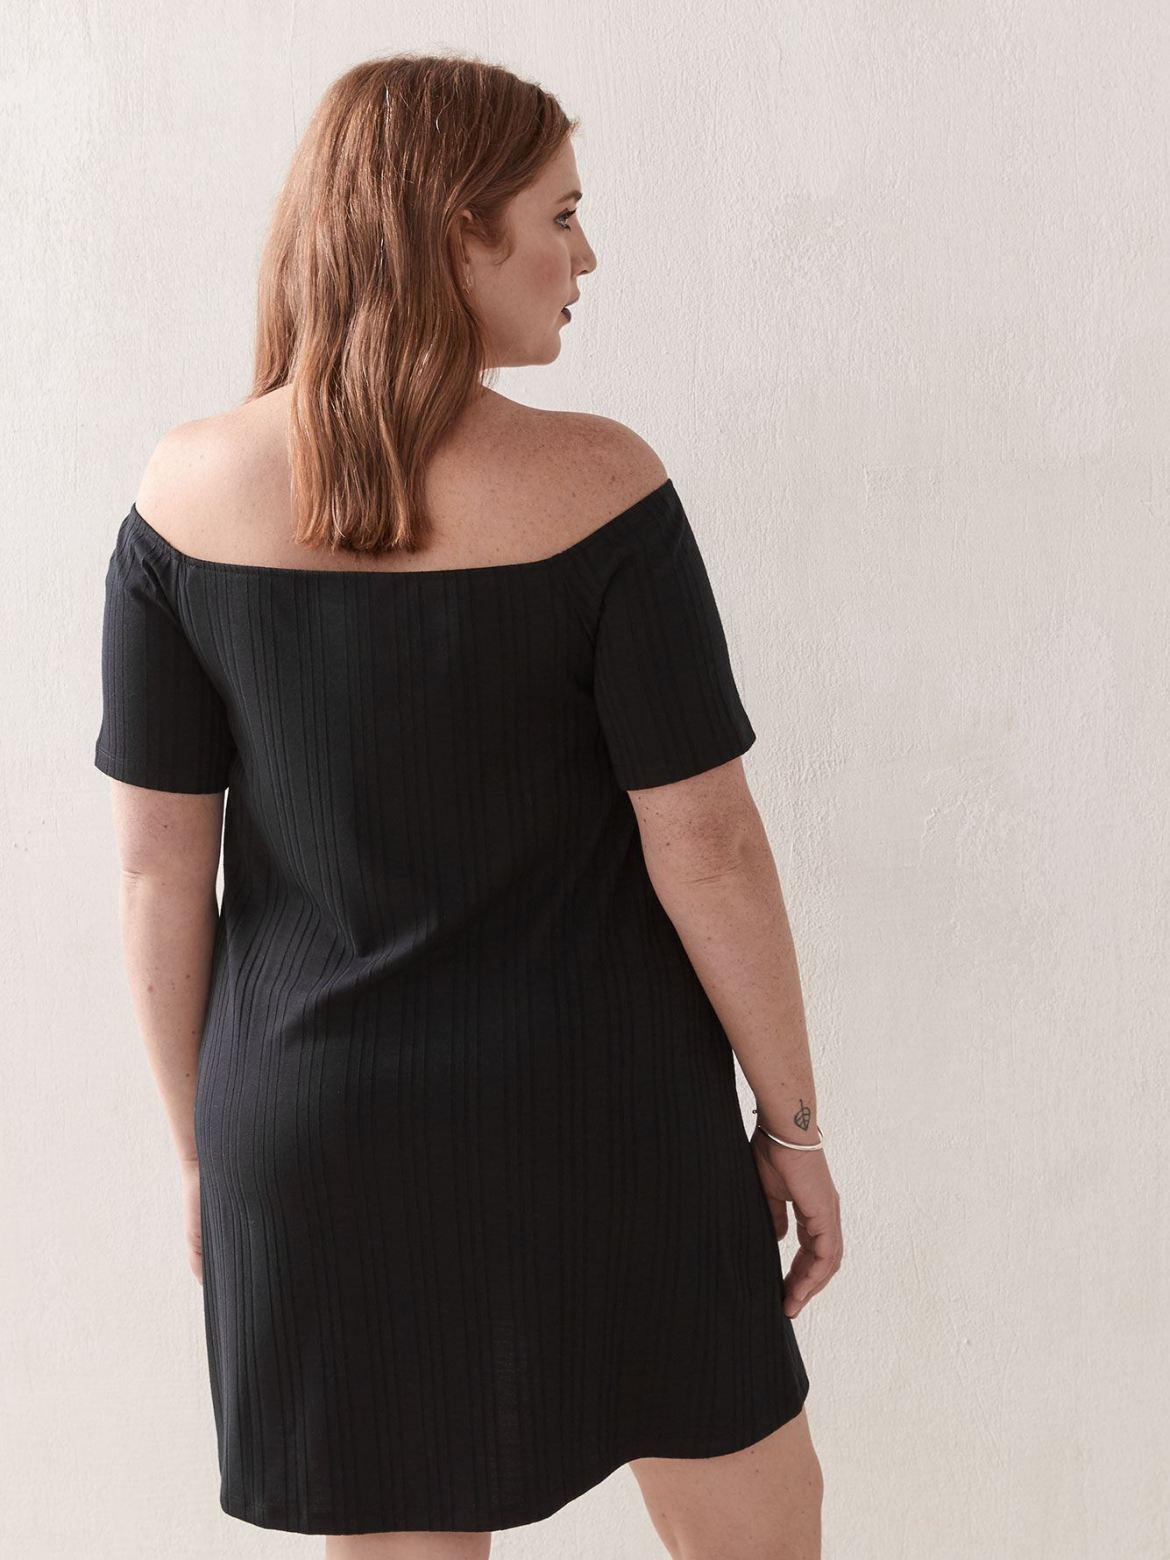 Solid Short Sleeve Off-the-Shoulder Dress - Love & Legend